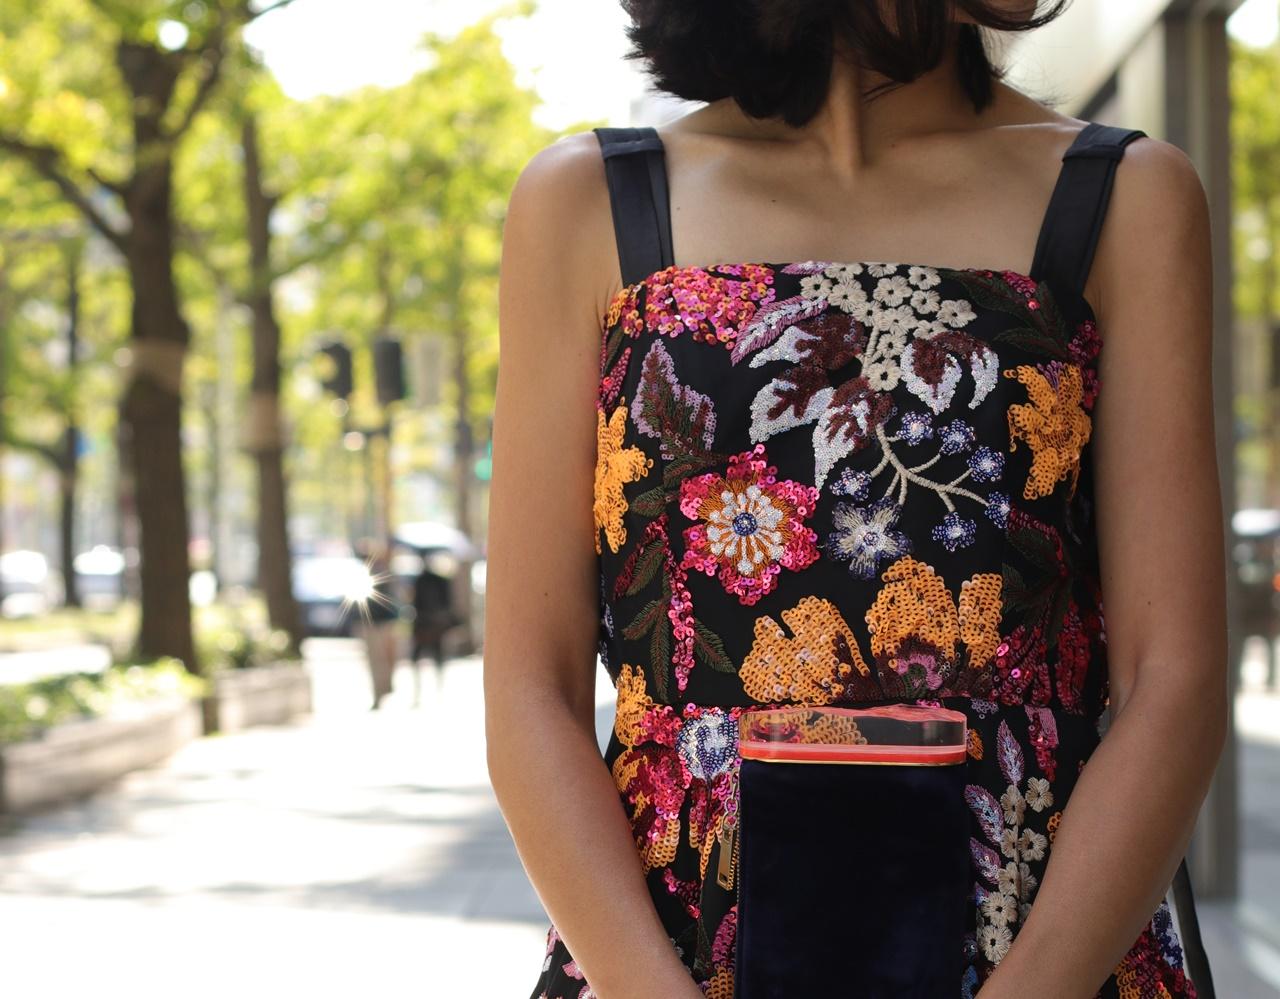 骨格ナチュラルの方におすすめのレンタルドレスはKhon Hooi(クーン・フーイ)のピンクやオレンジのスパンコールでお花模様が刺繍されたキャミソールタイプのロングドレス